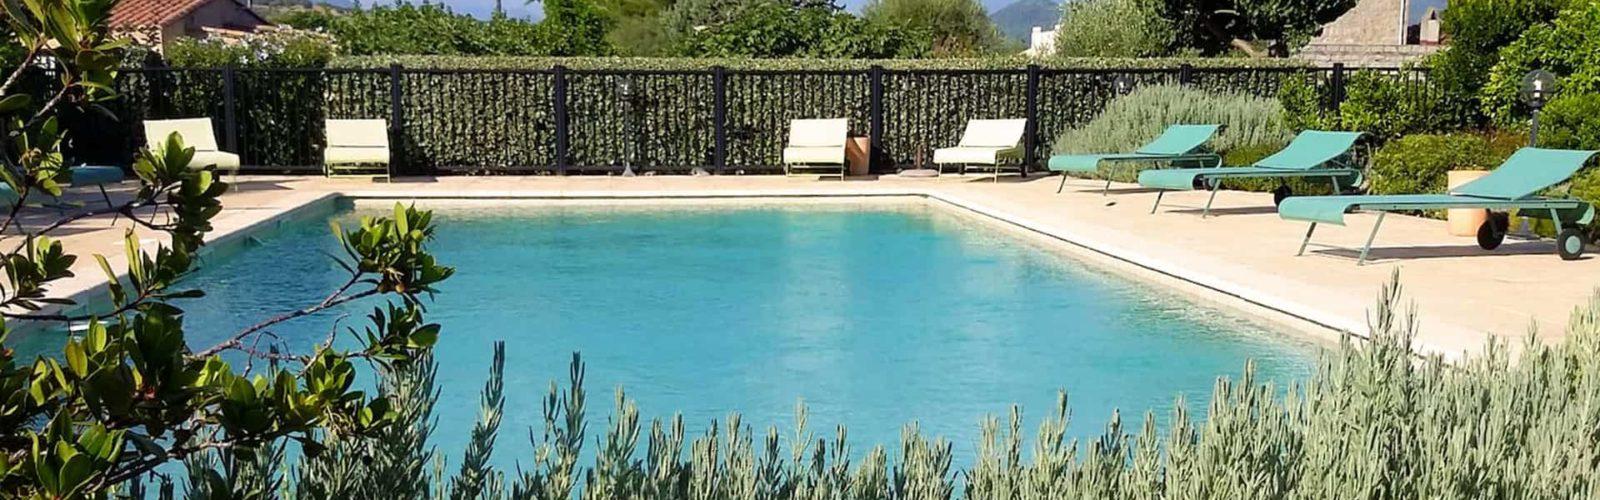 Casa Favalella - Location de Vacances en Corse du Sud